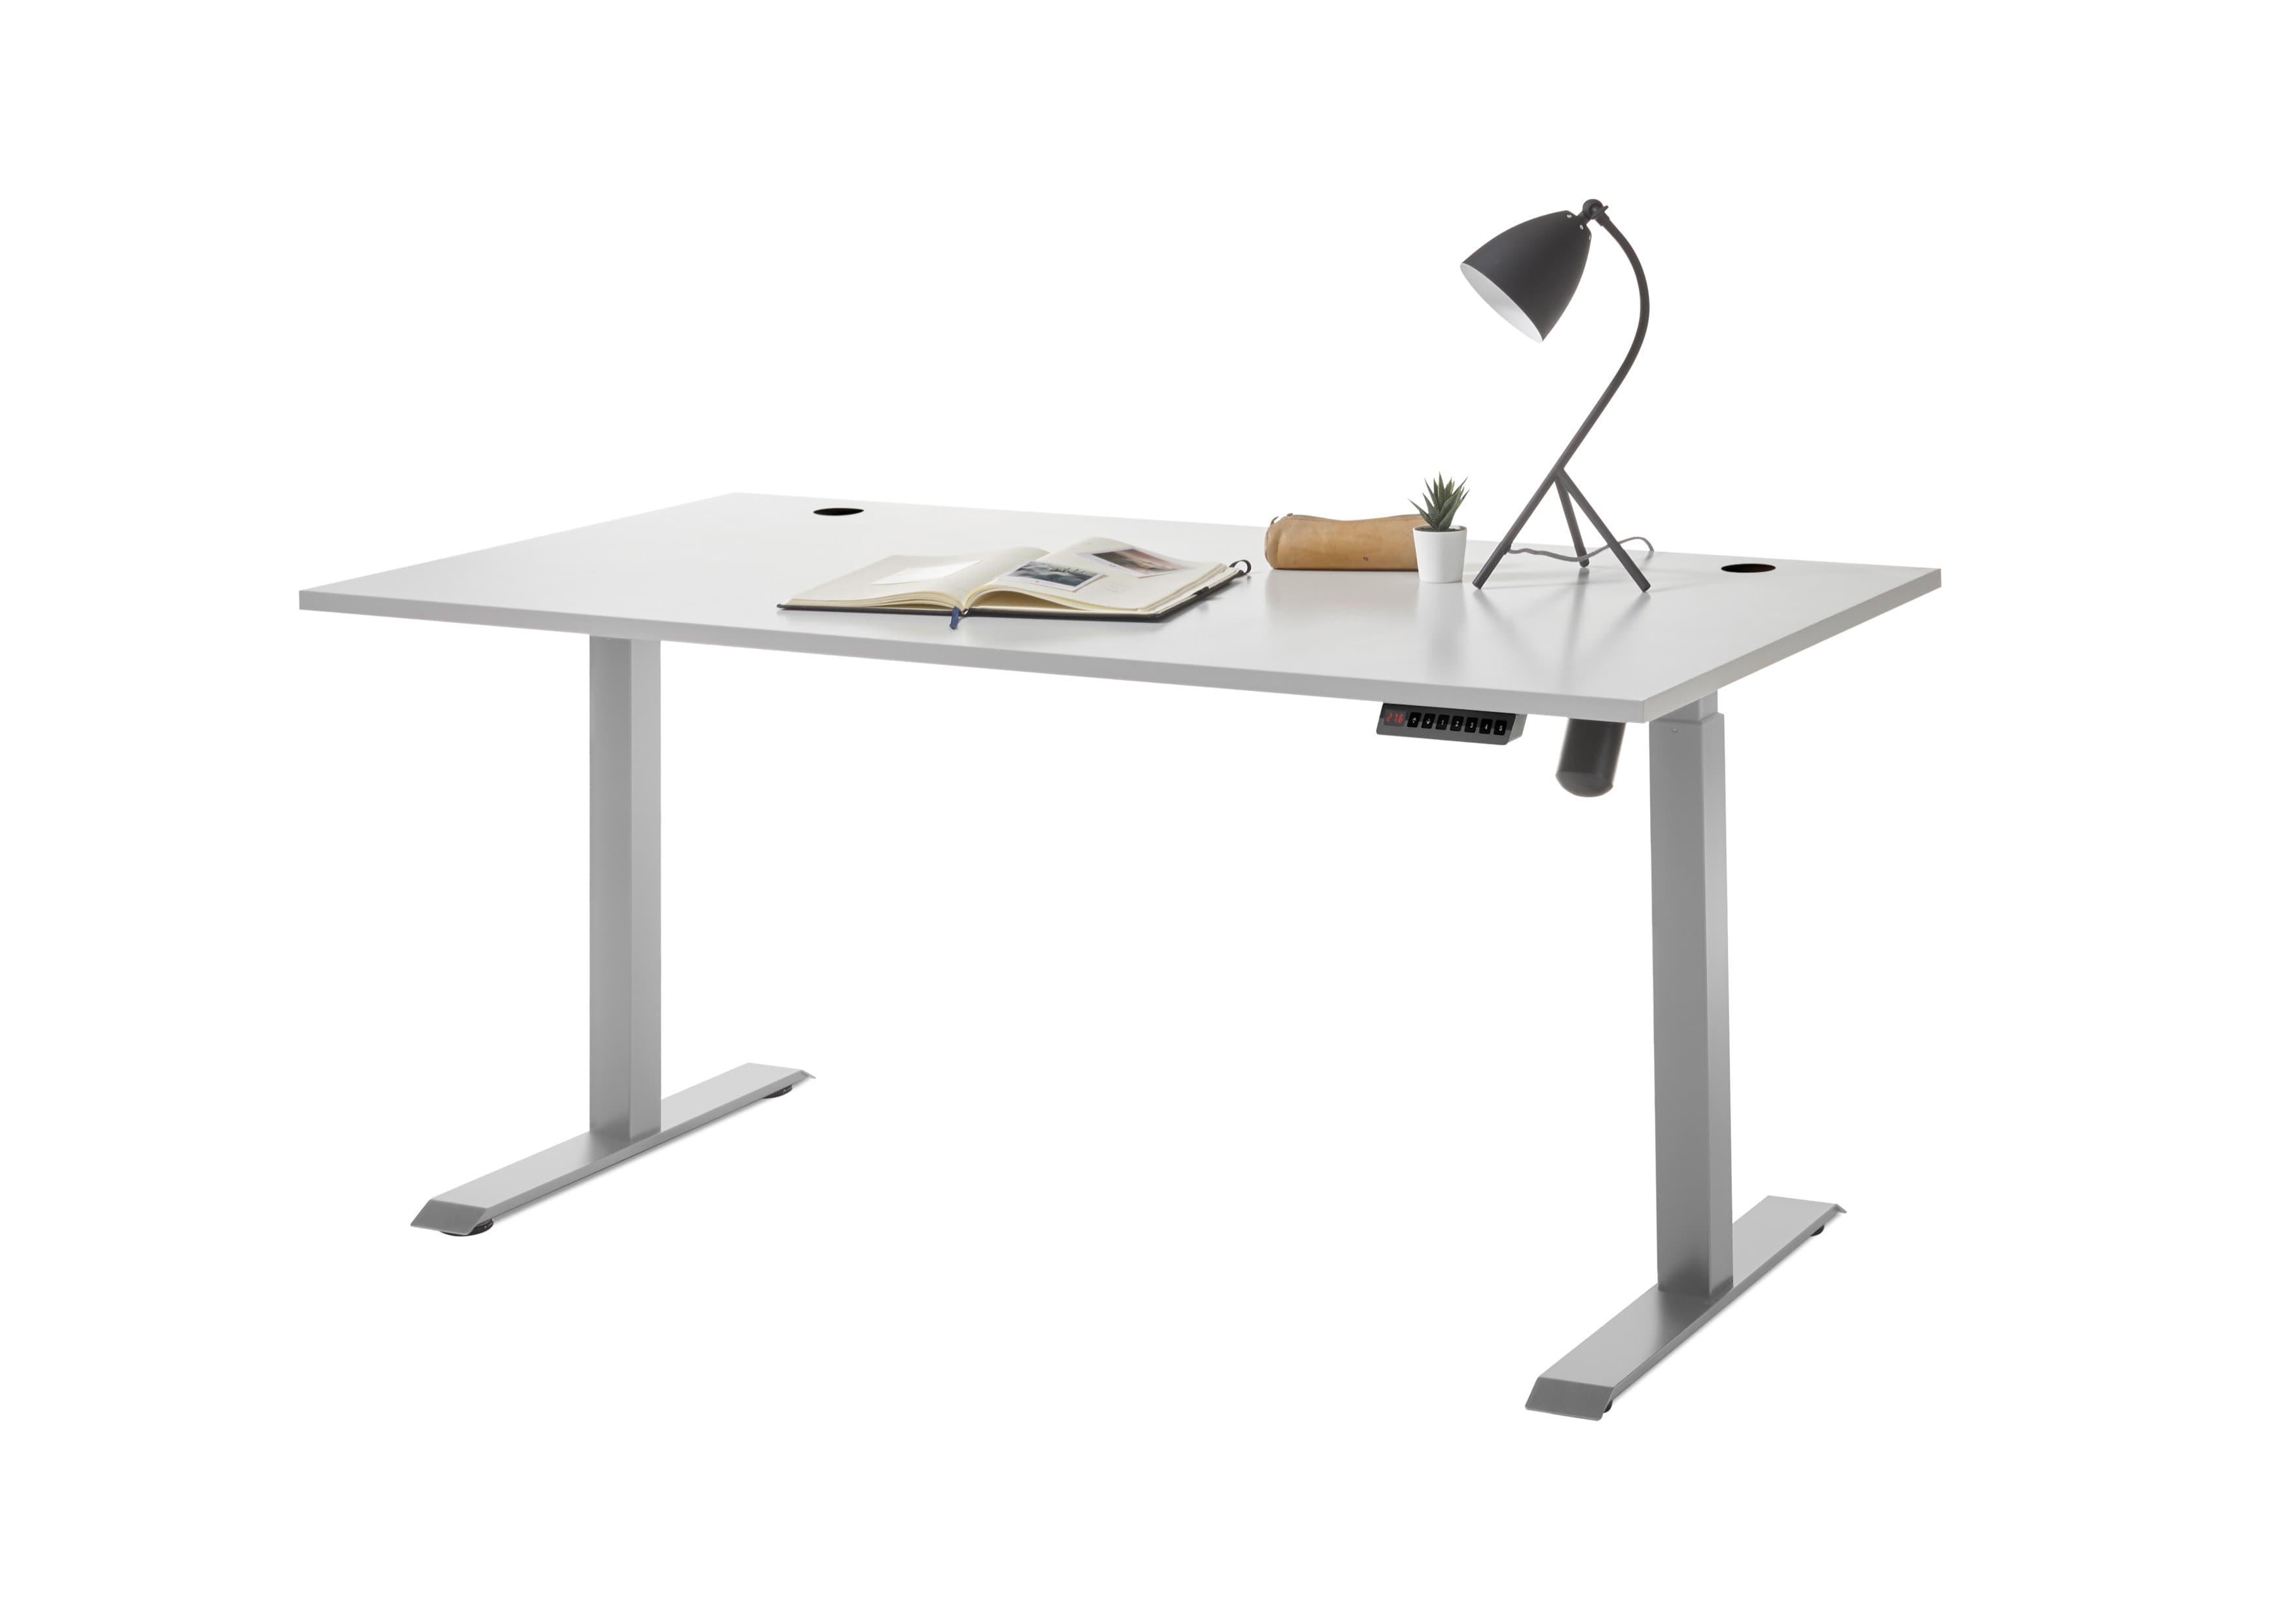 Masa de birou din pal si metal, cu reglaj electric pe inaltime Prato Gri deschis, L160xl77xH72-120 cm imagine